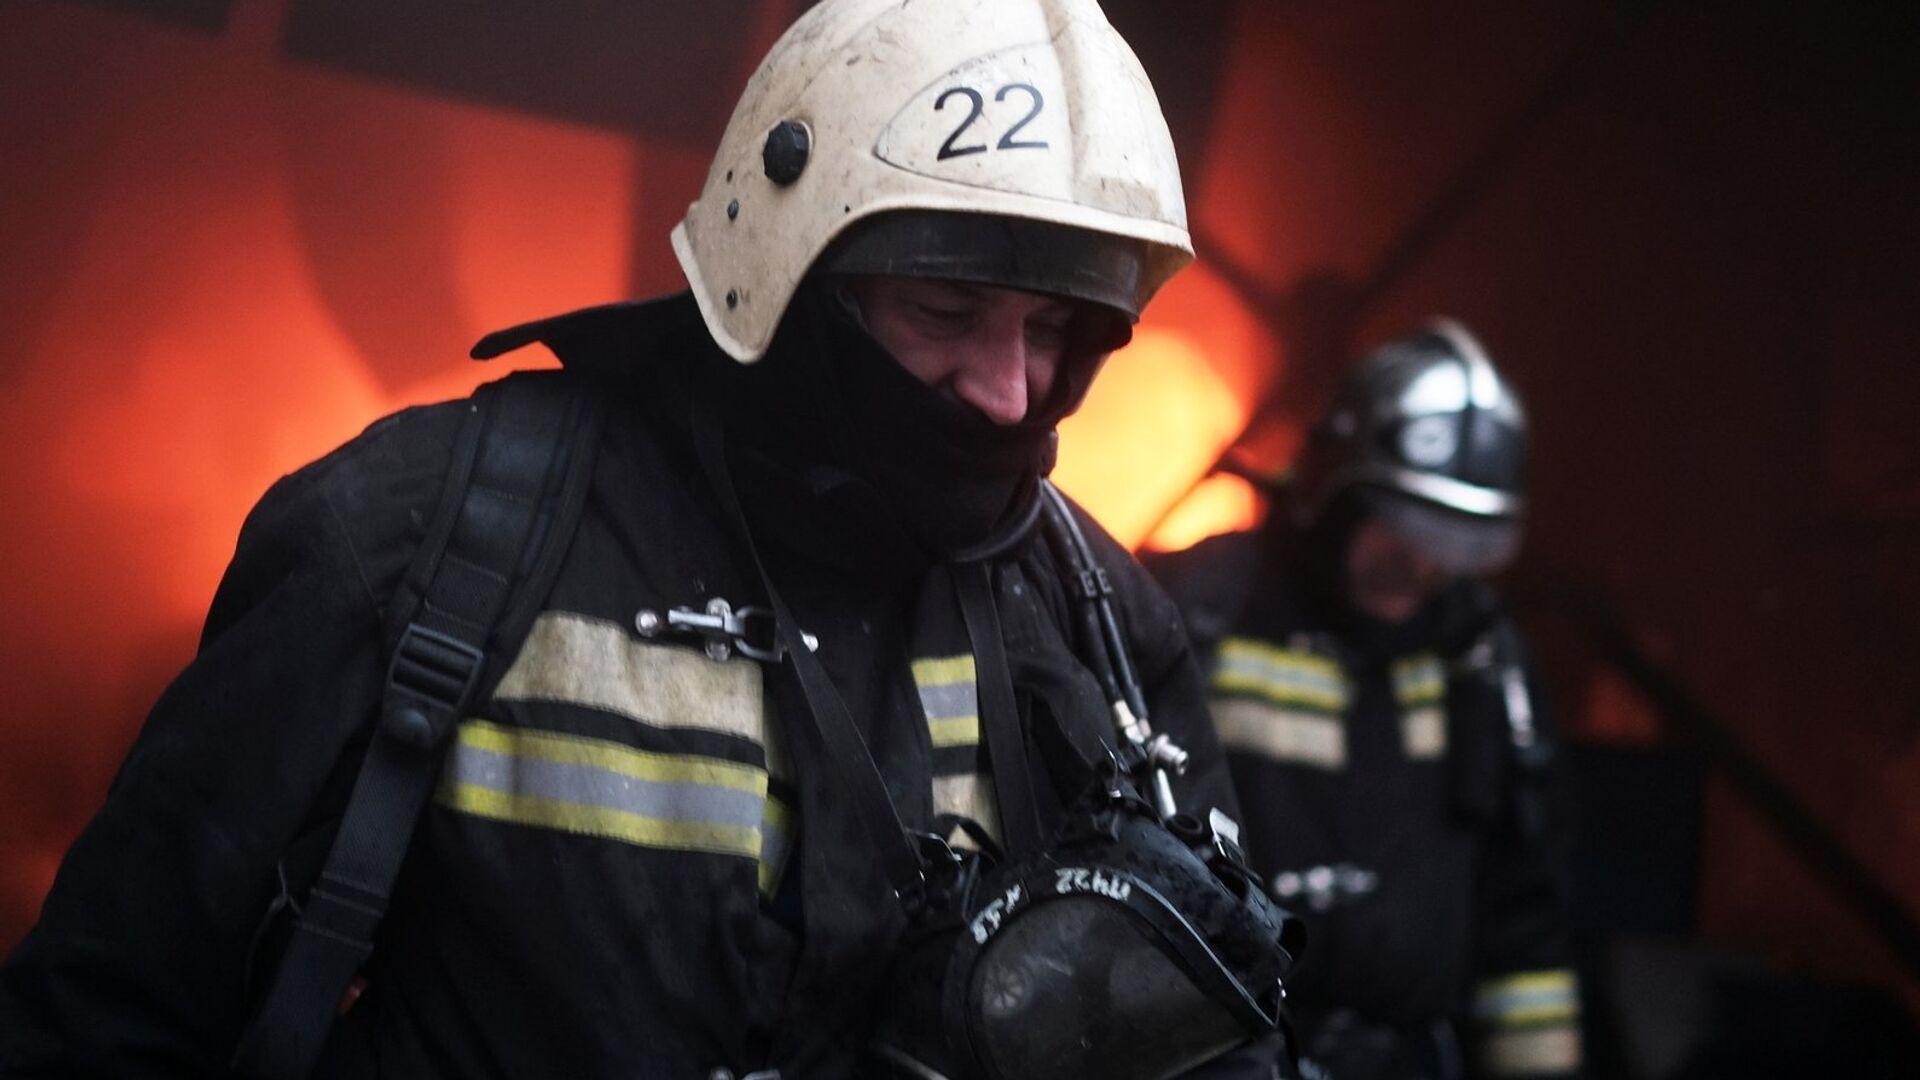 Сотрудники МЧС во время тушения пожара. Архивное фото - РИА Новости, 1920, 06.04.2021